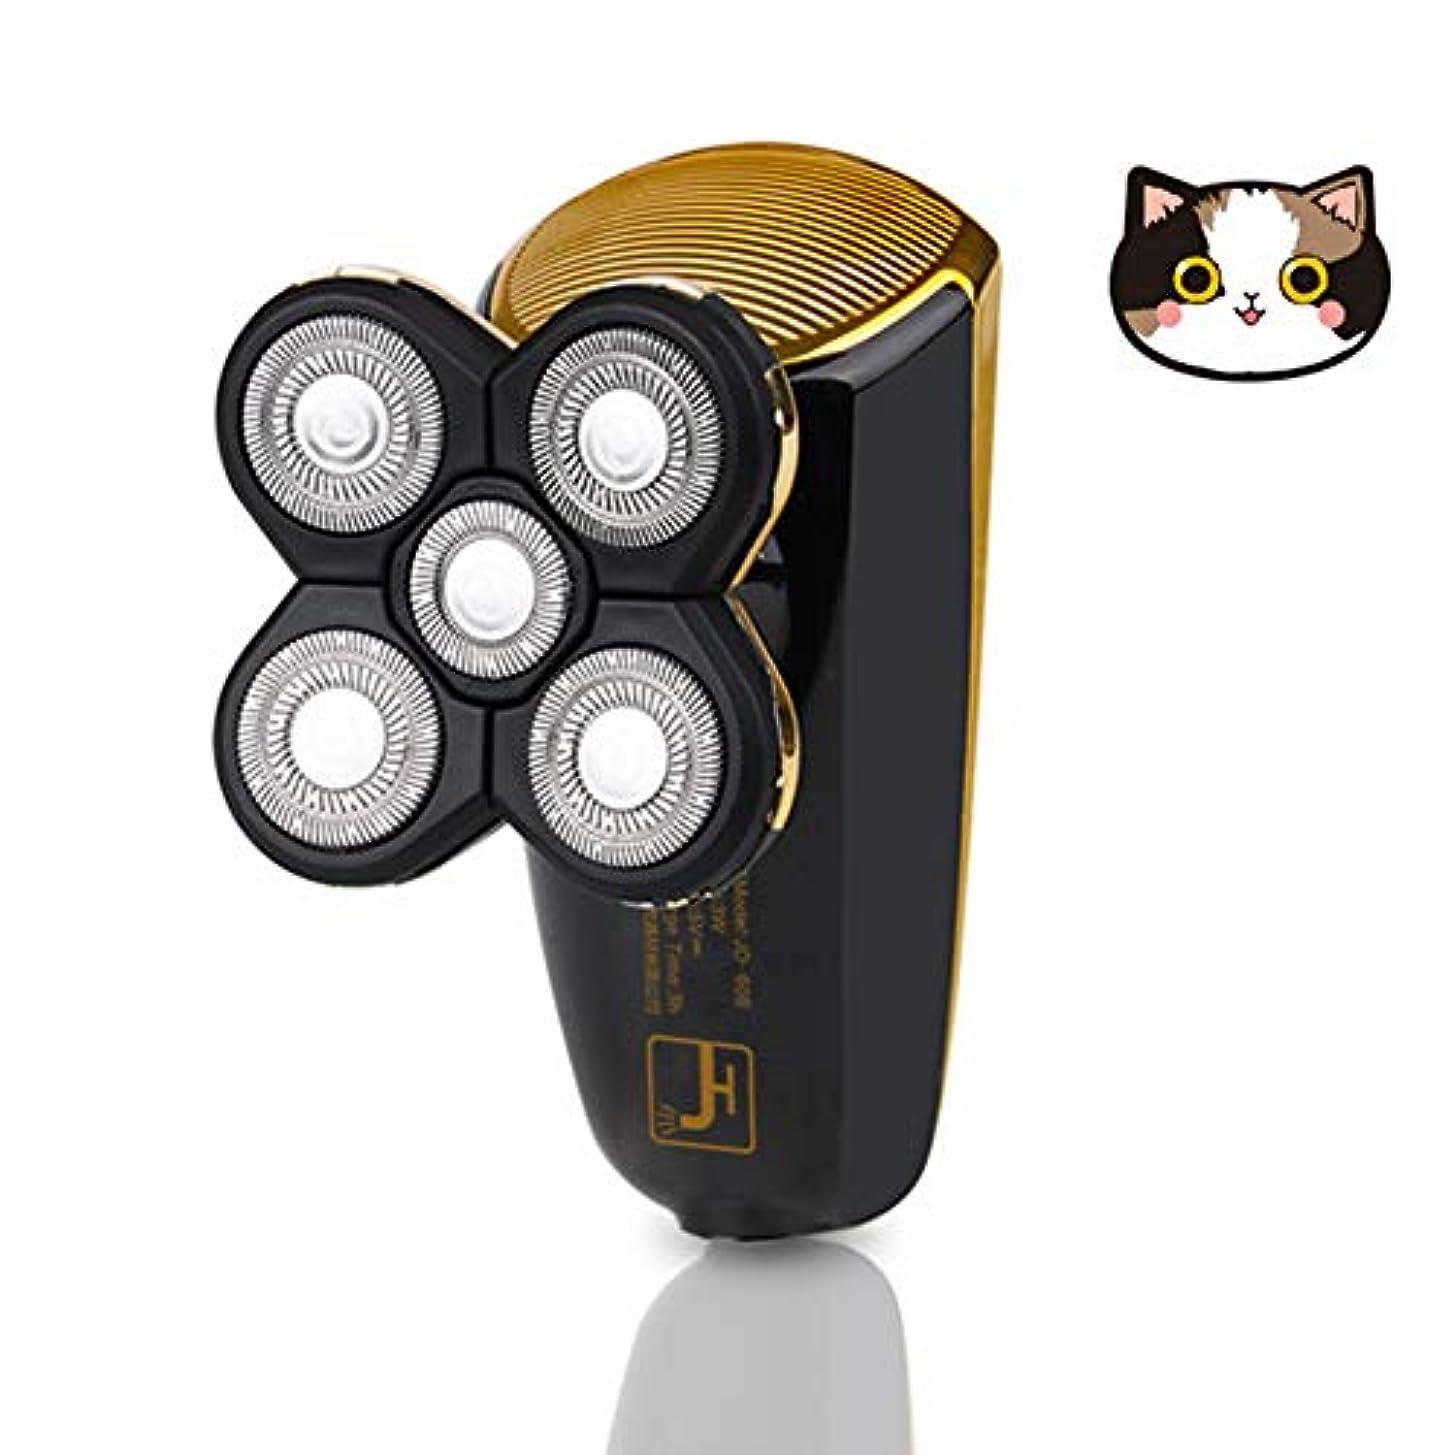 在庫寂しい横MACOLAUDER メンズシェーバー USB充電式 5枚刃 回転式ヘッド 電気 WET&DRY シェーバー ヒゲソリ IPX6級防水 お風呂剃り&丸洗い可 男性用 ミニ鏡付 ゴールド